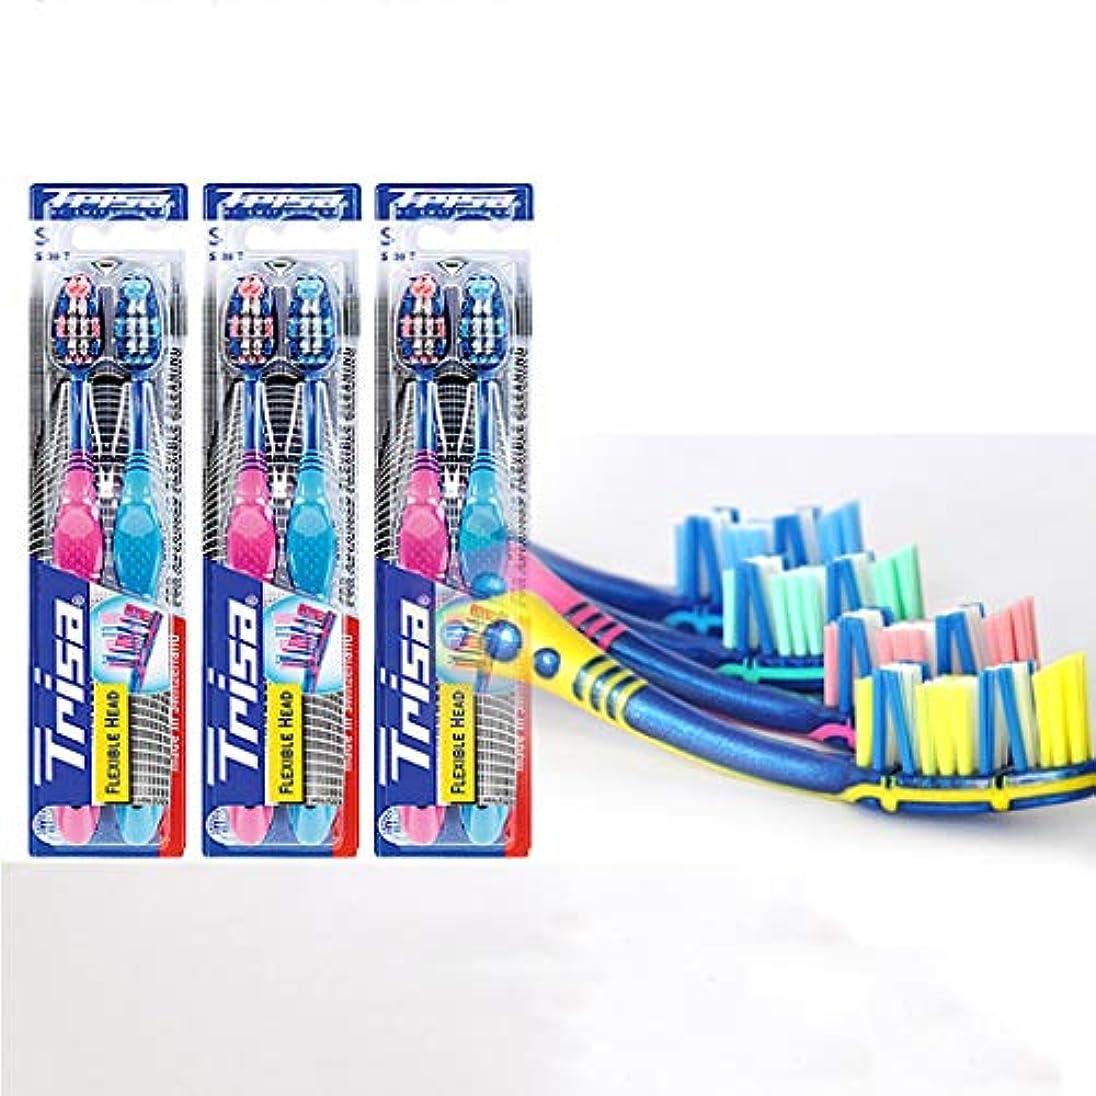 動脈バナナ中毒家族は、6本の大包装歯ブラシ、ディープクリーニングガム、スーパーソフト歯ブラシパック